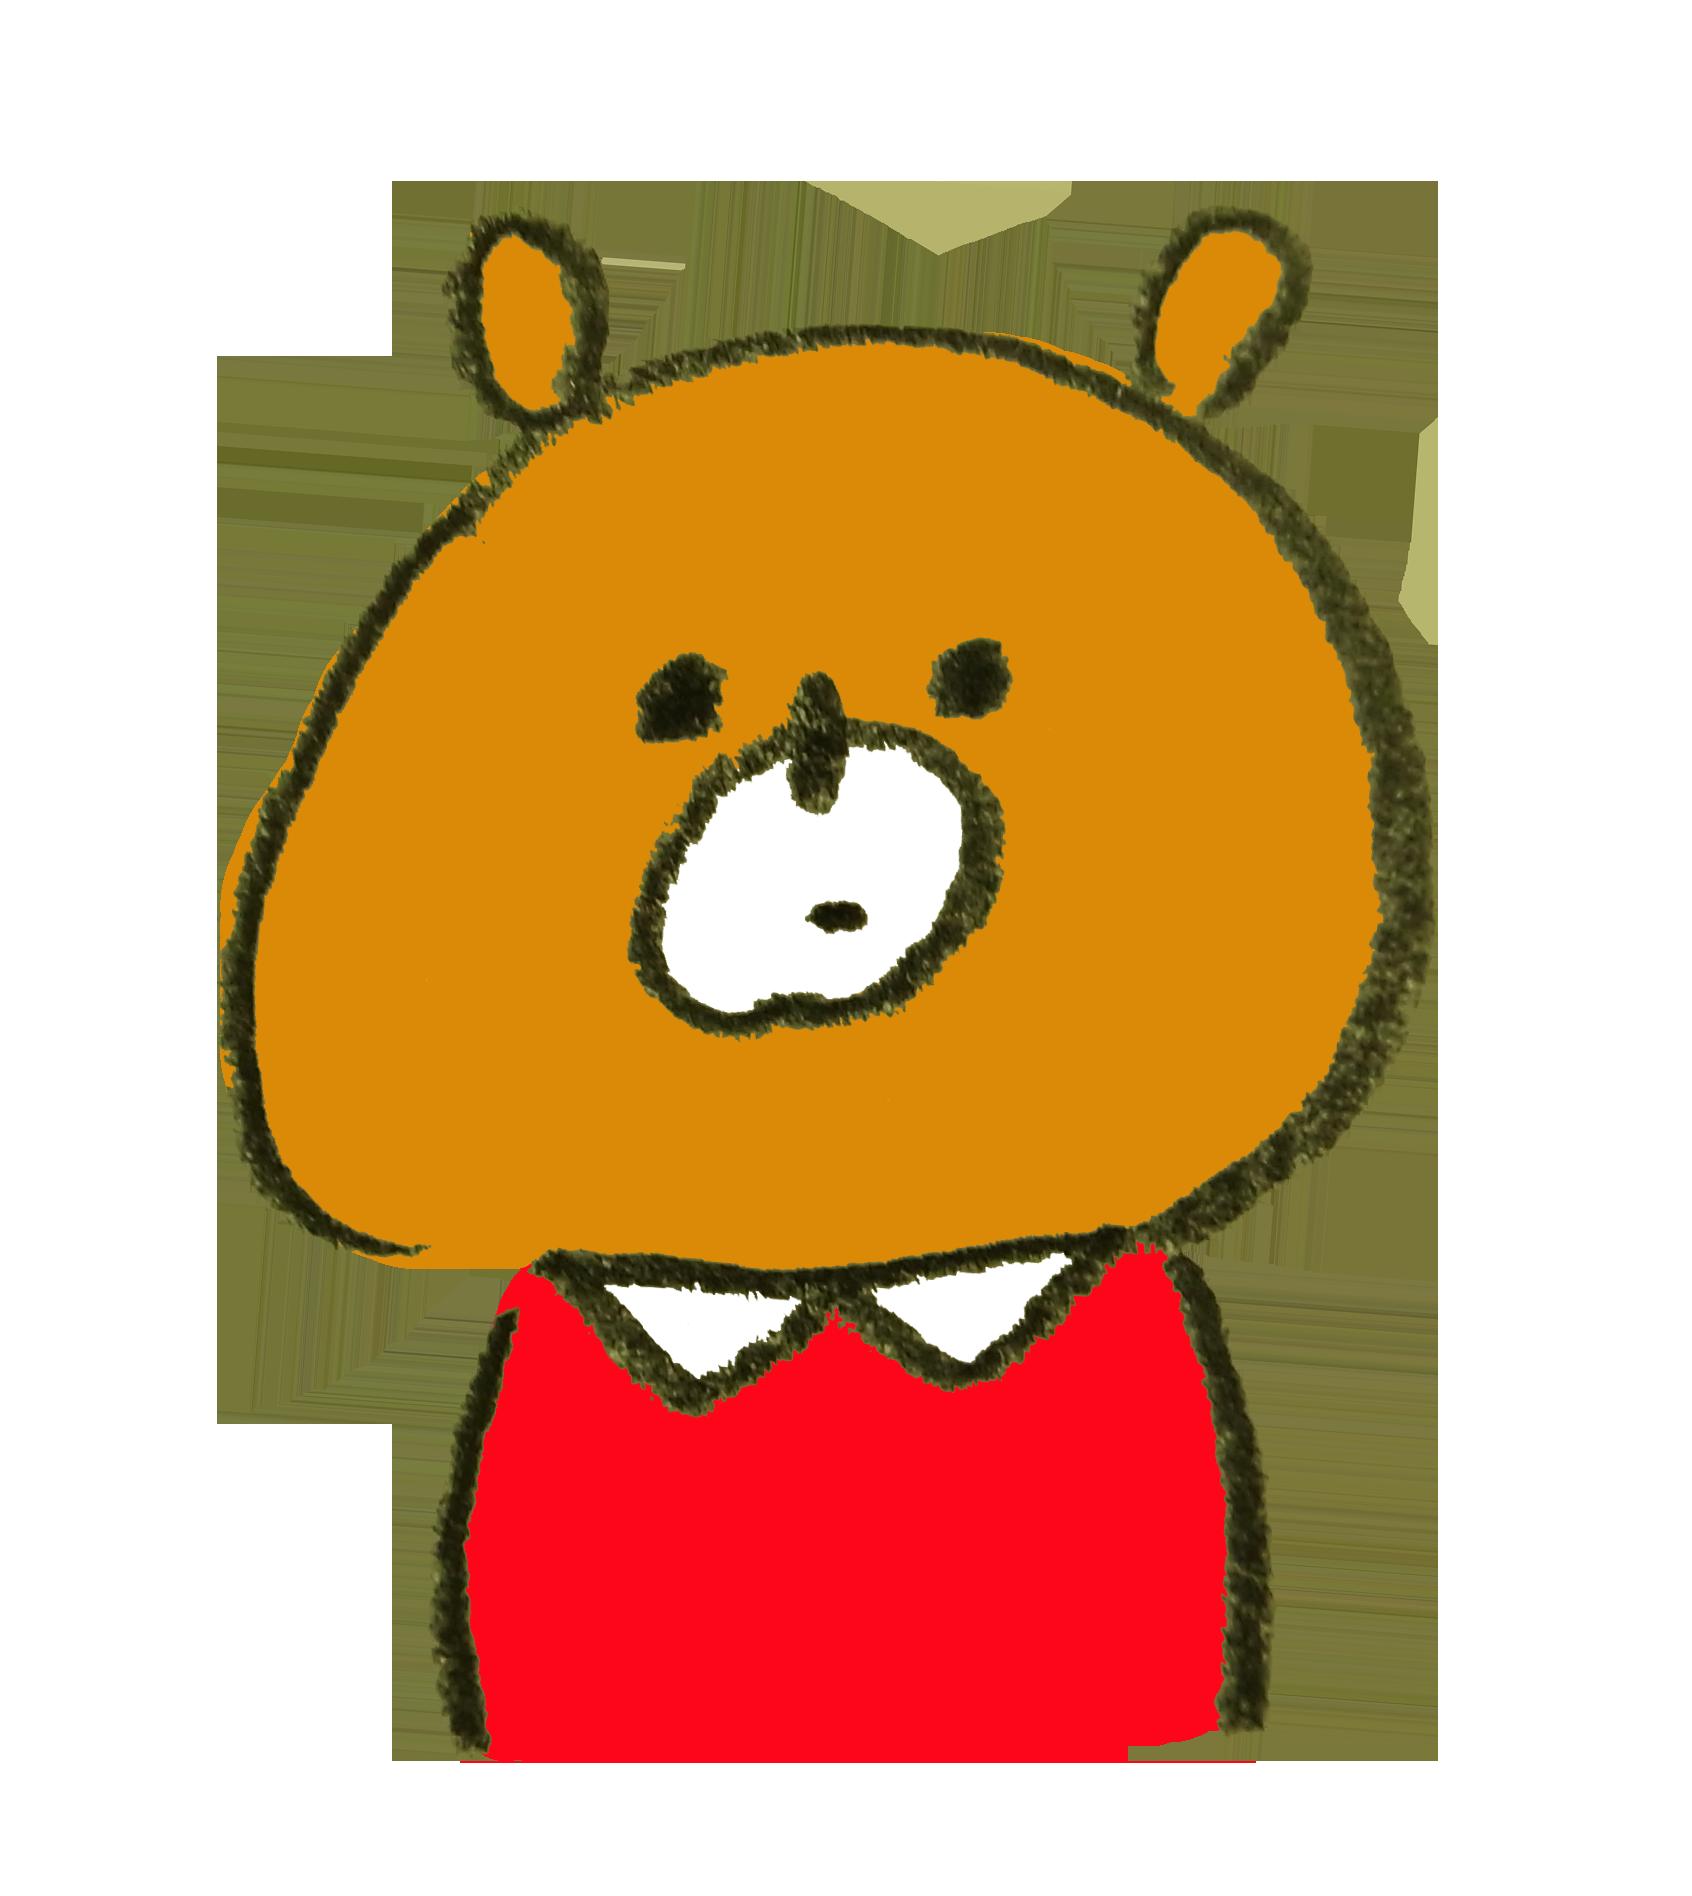 服を着ている熊のイラスト ゆるくてかわいい無料イラスト素材屋